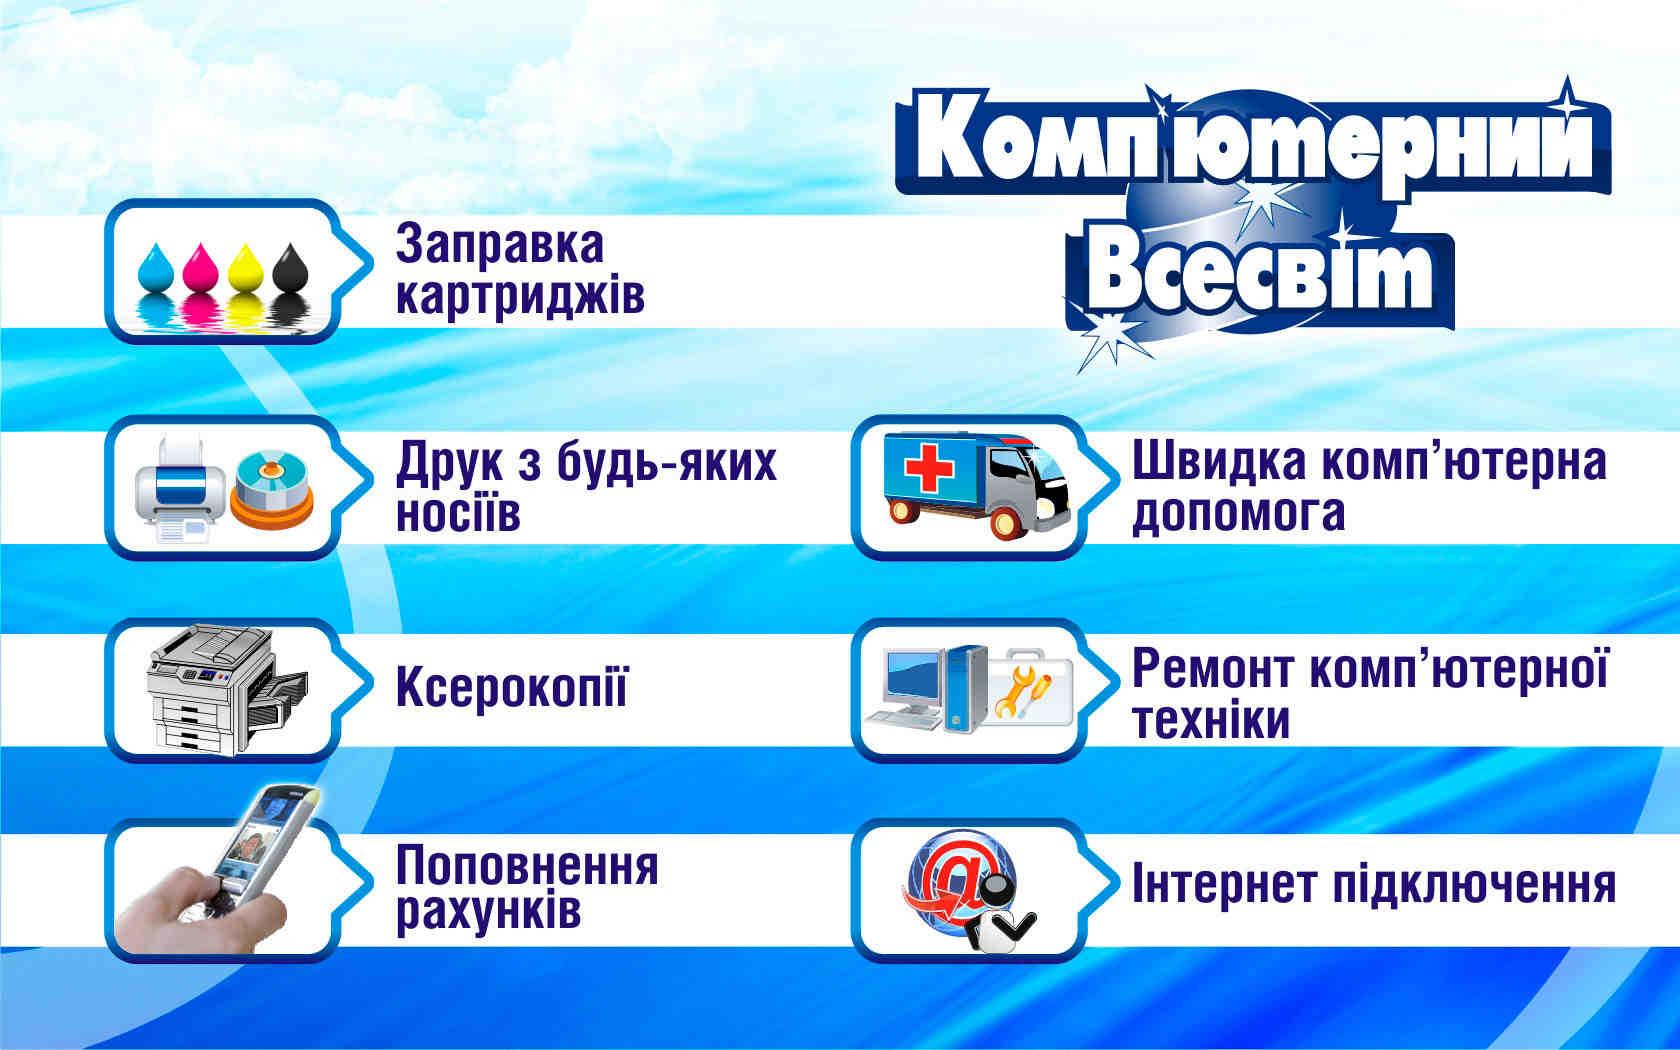 Мережа Комп'ютерний Всесвіт пропонує всі види сервісних послуг!, зображення 1